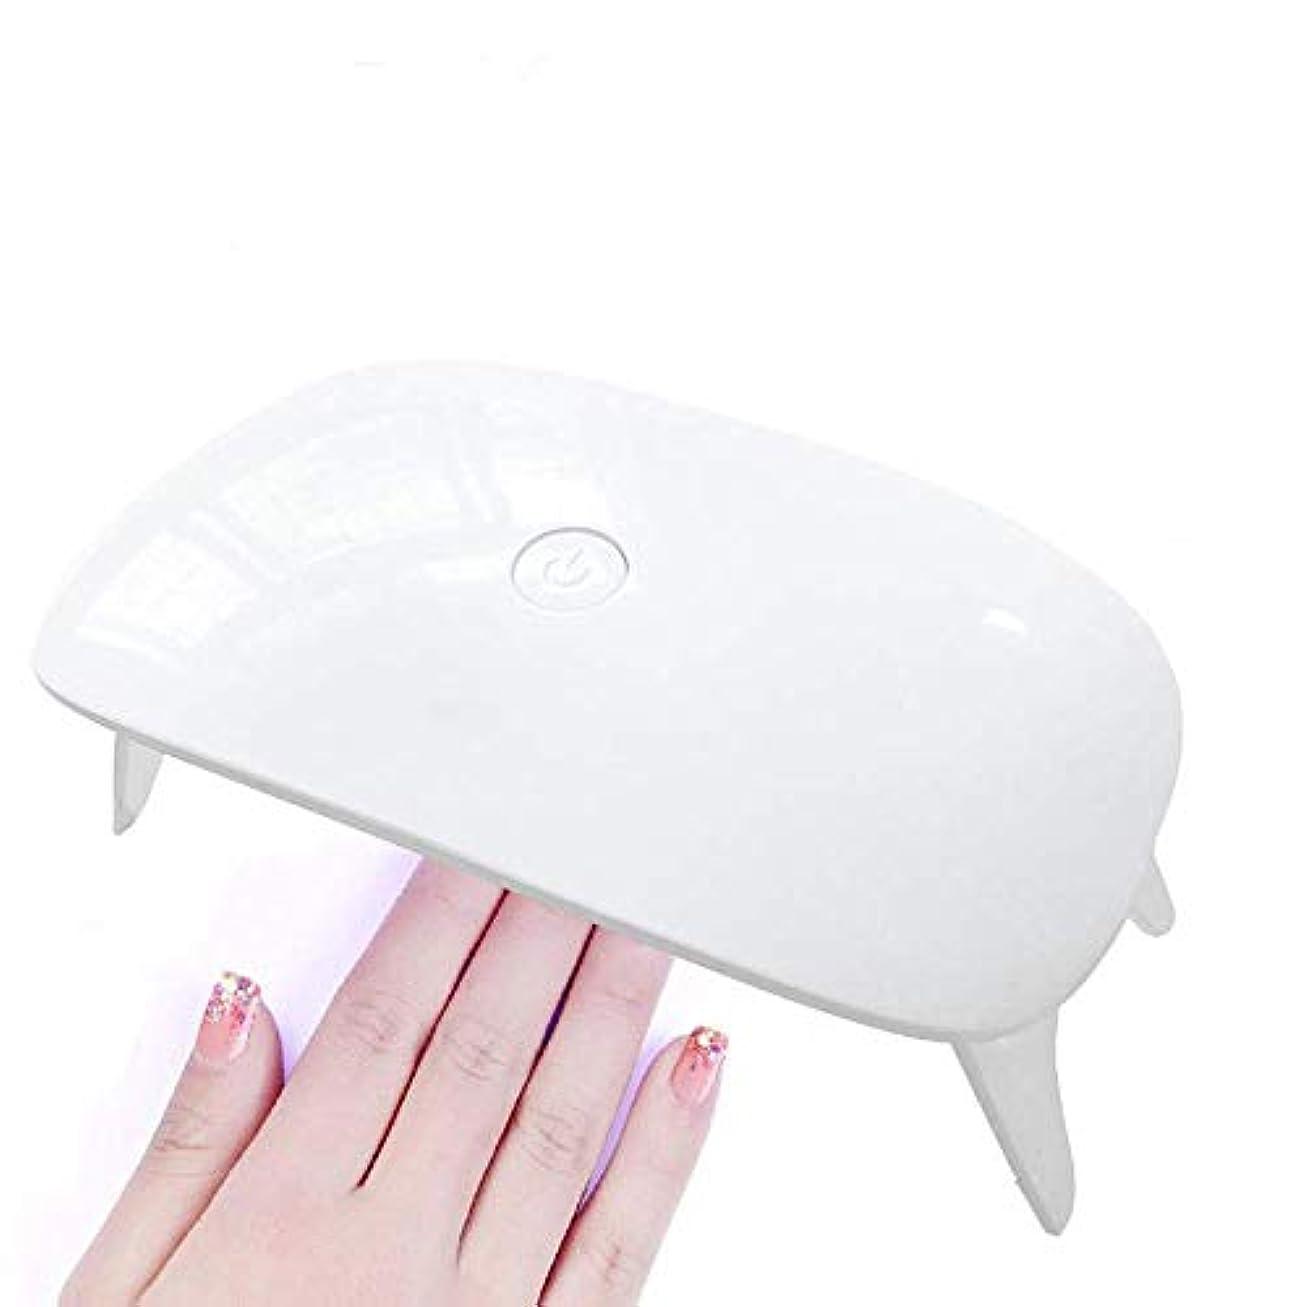 雰囲気クラウドアミューズメントLEDネイルドライヤー UVライト レジン用 硬化ライト タイマー設定可能